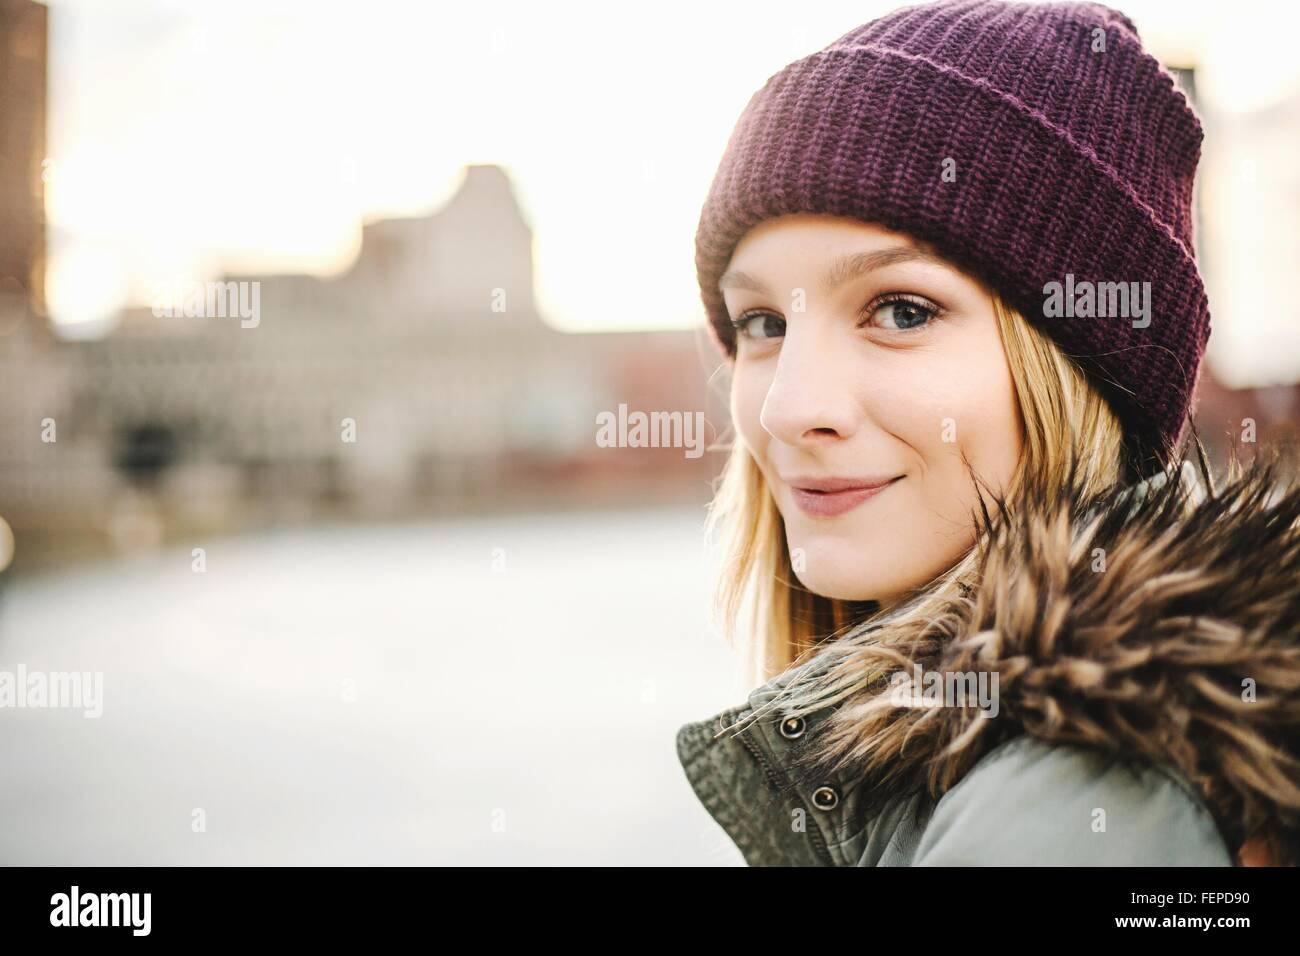 Ritratto di giovane donna che indossa berretto lavorato a maglia e cappa pelliccia Immagini Stock